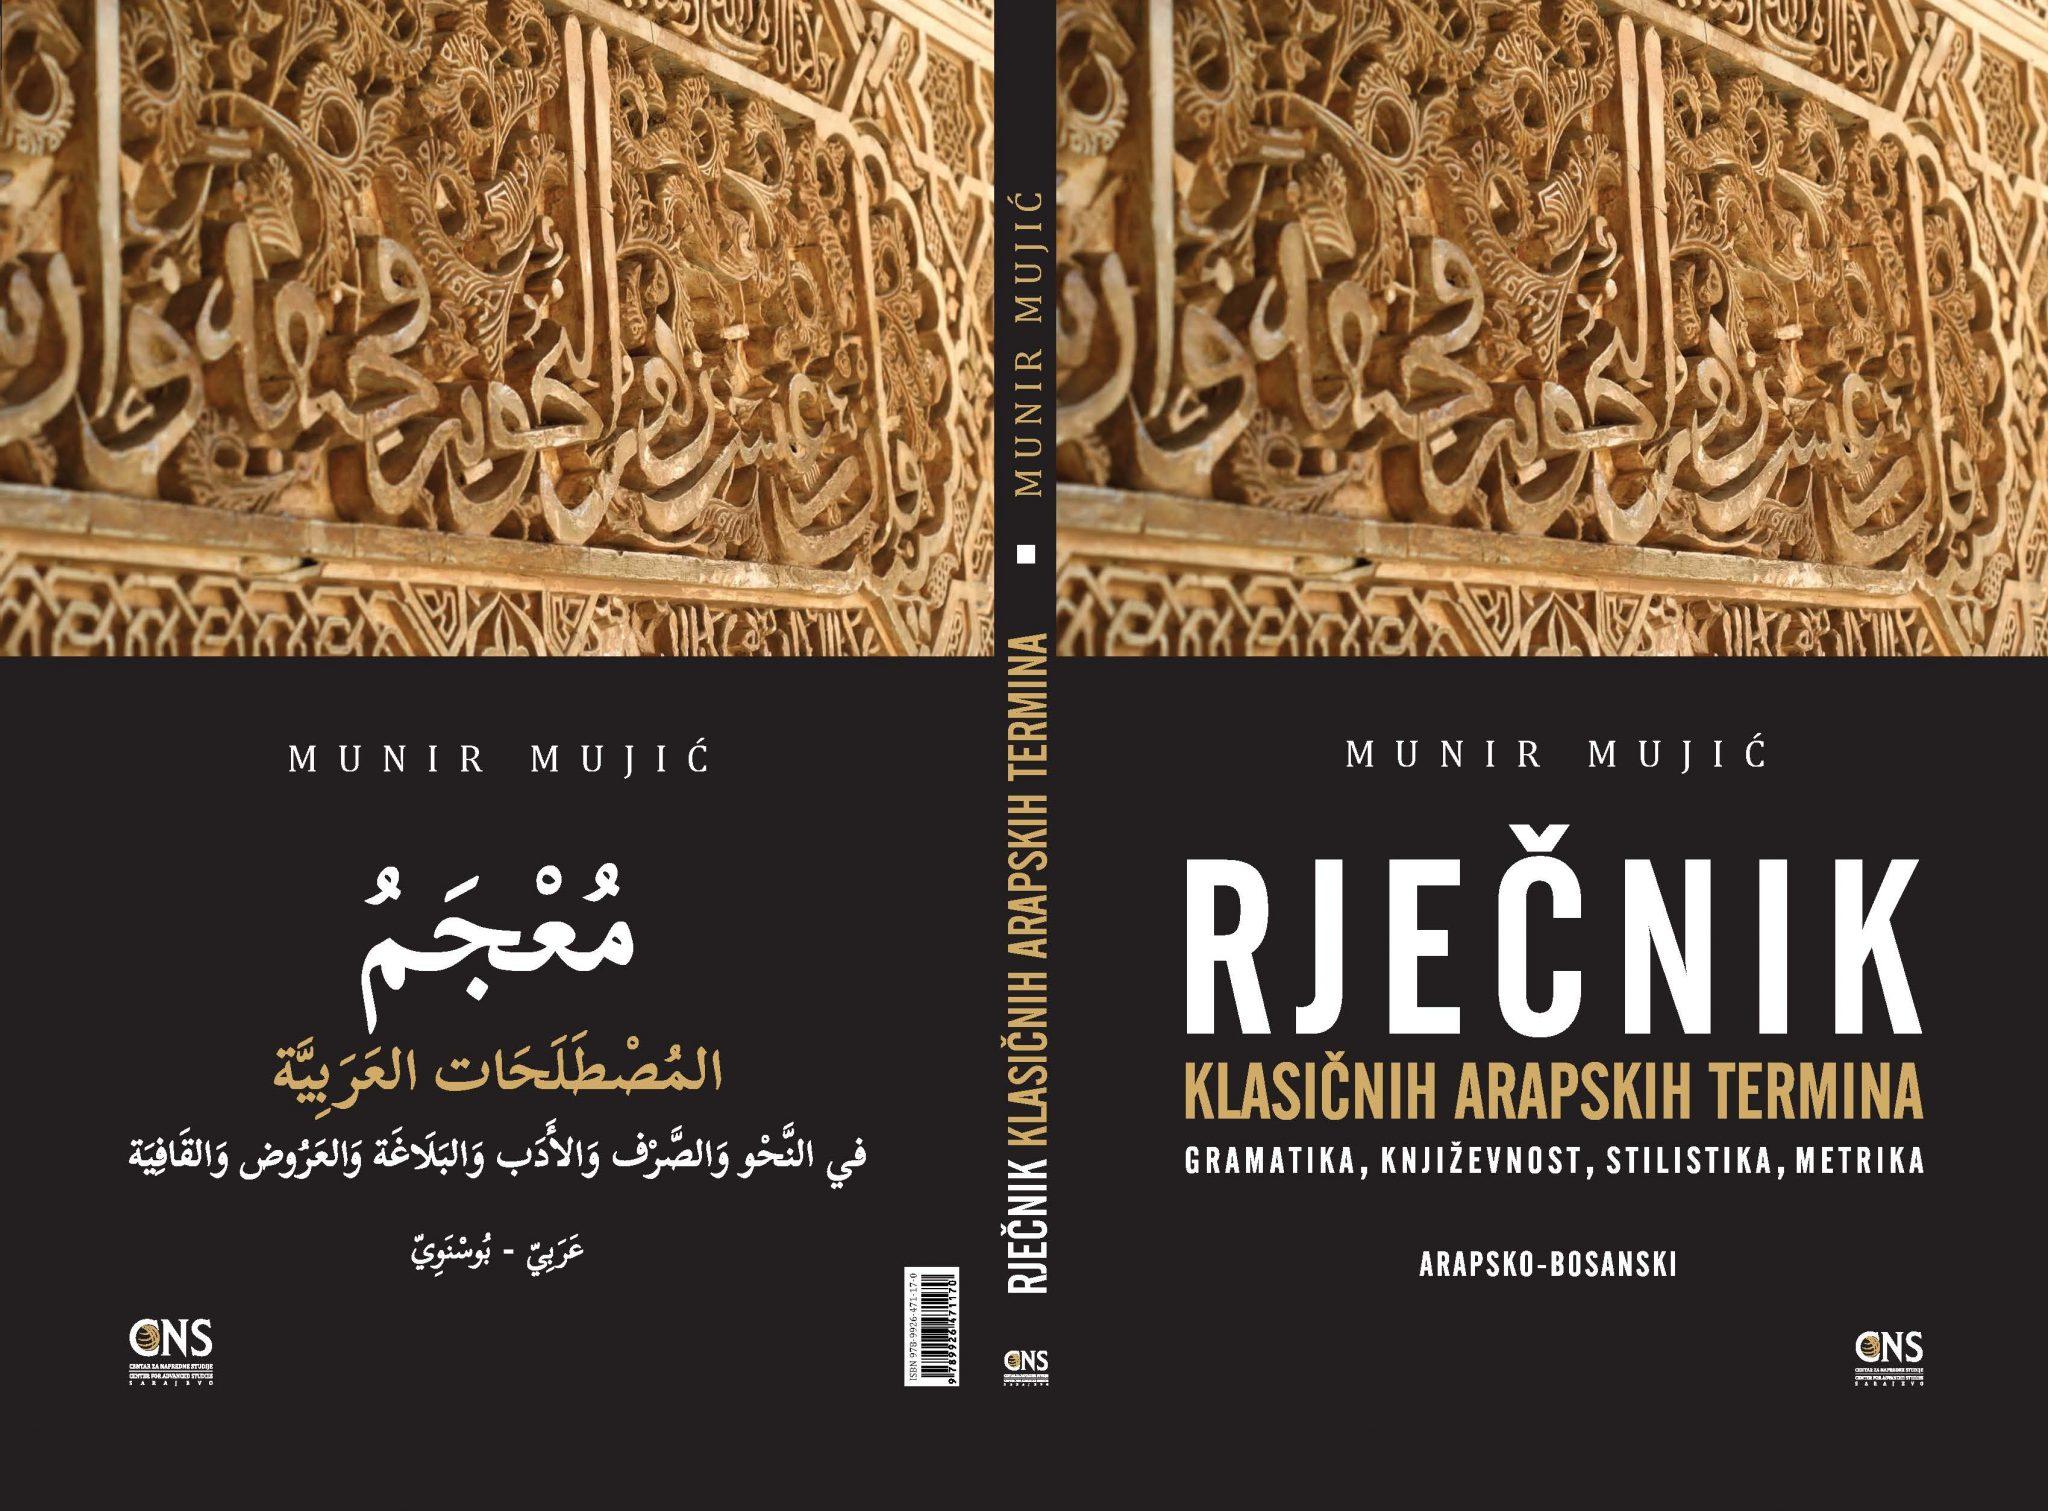 Rječnik klasičnih arapskih termina